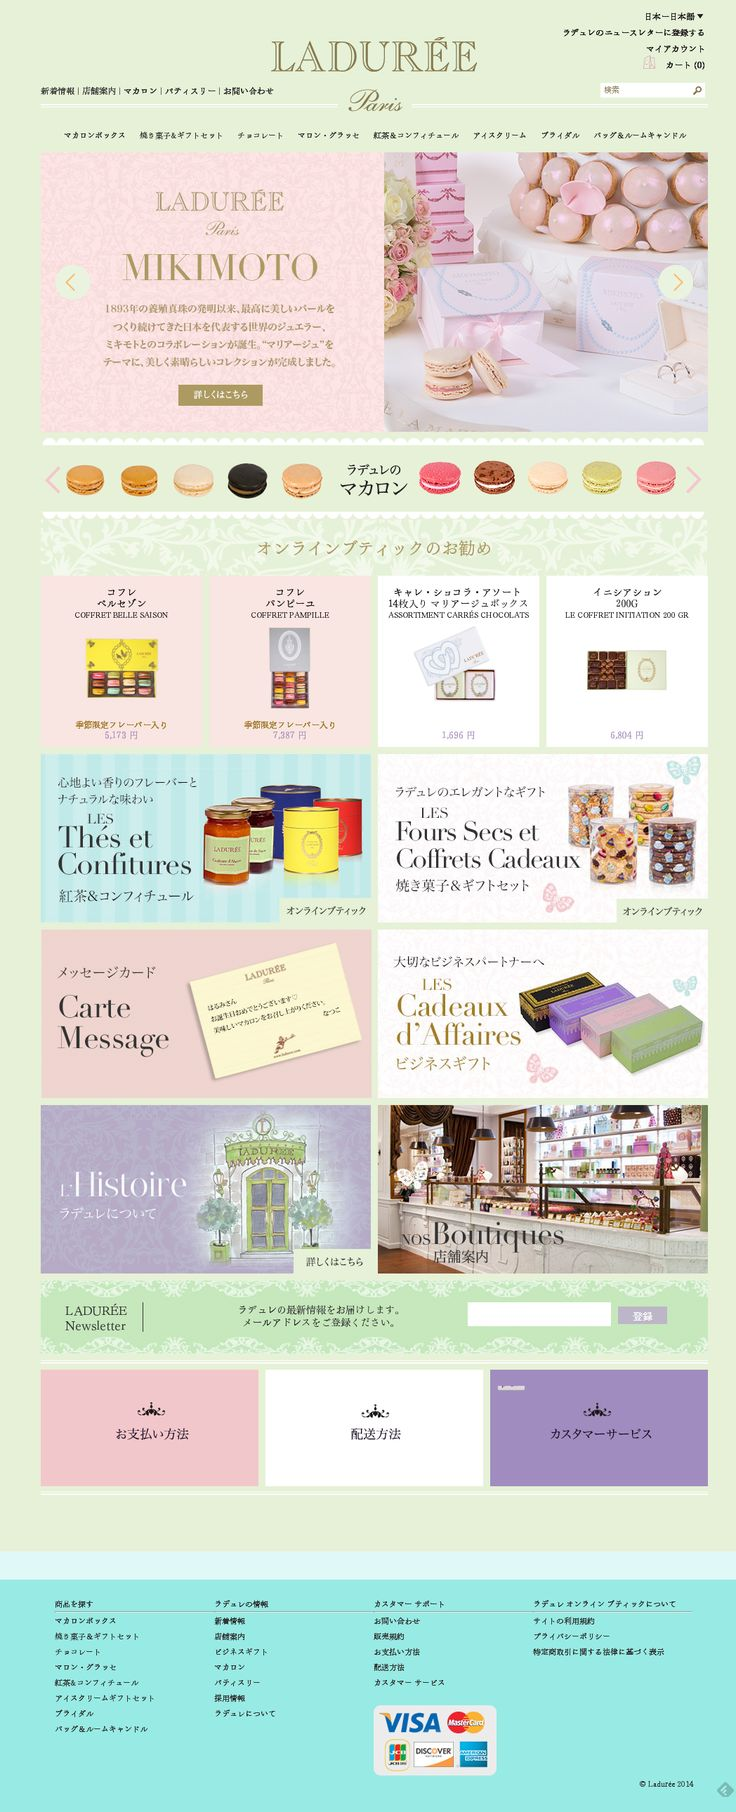 ラデュレ | ラデュレ公式通販サイト - laduree.jp